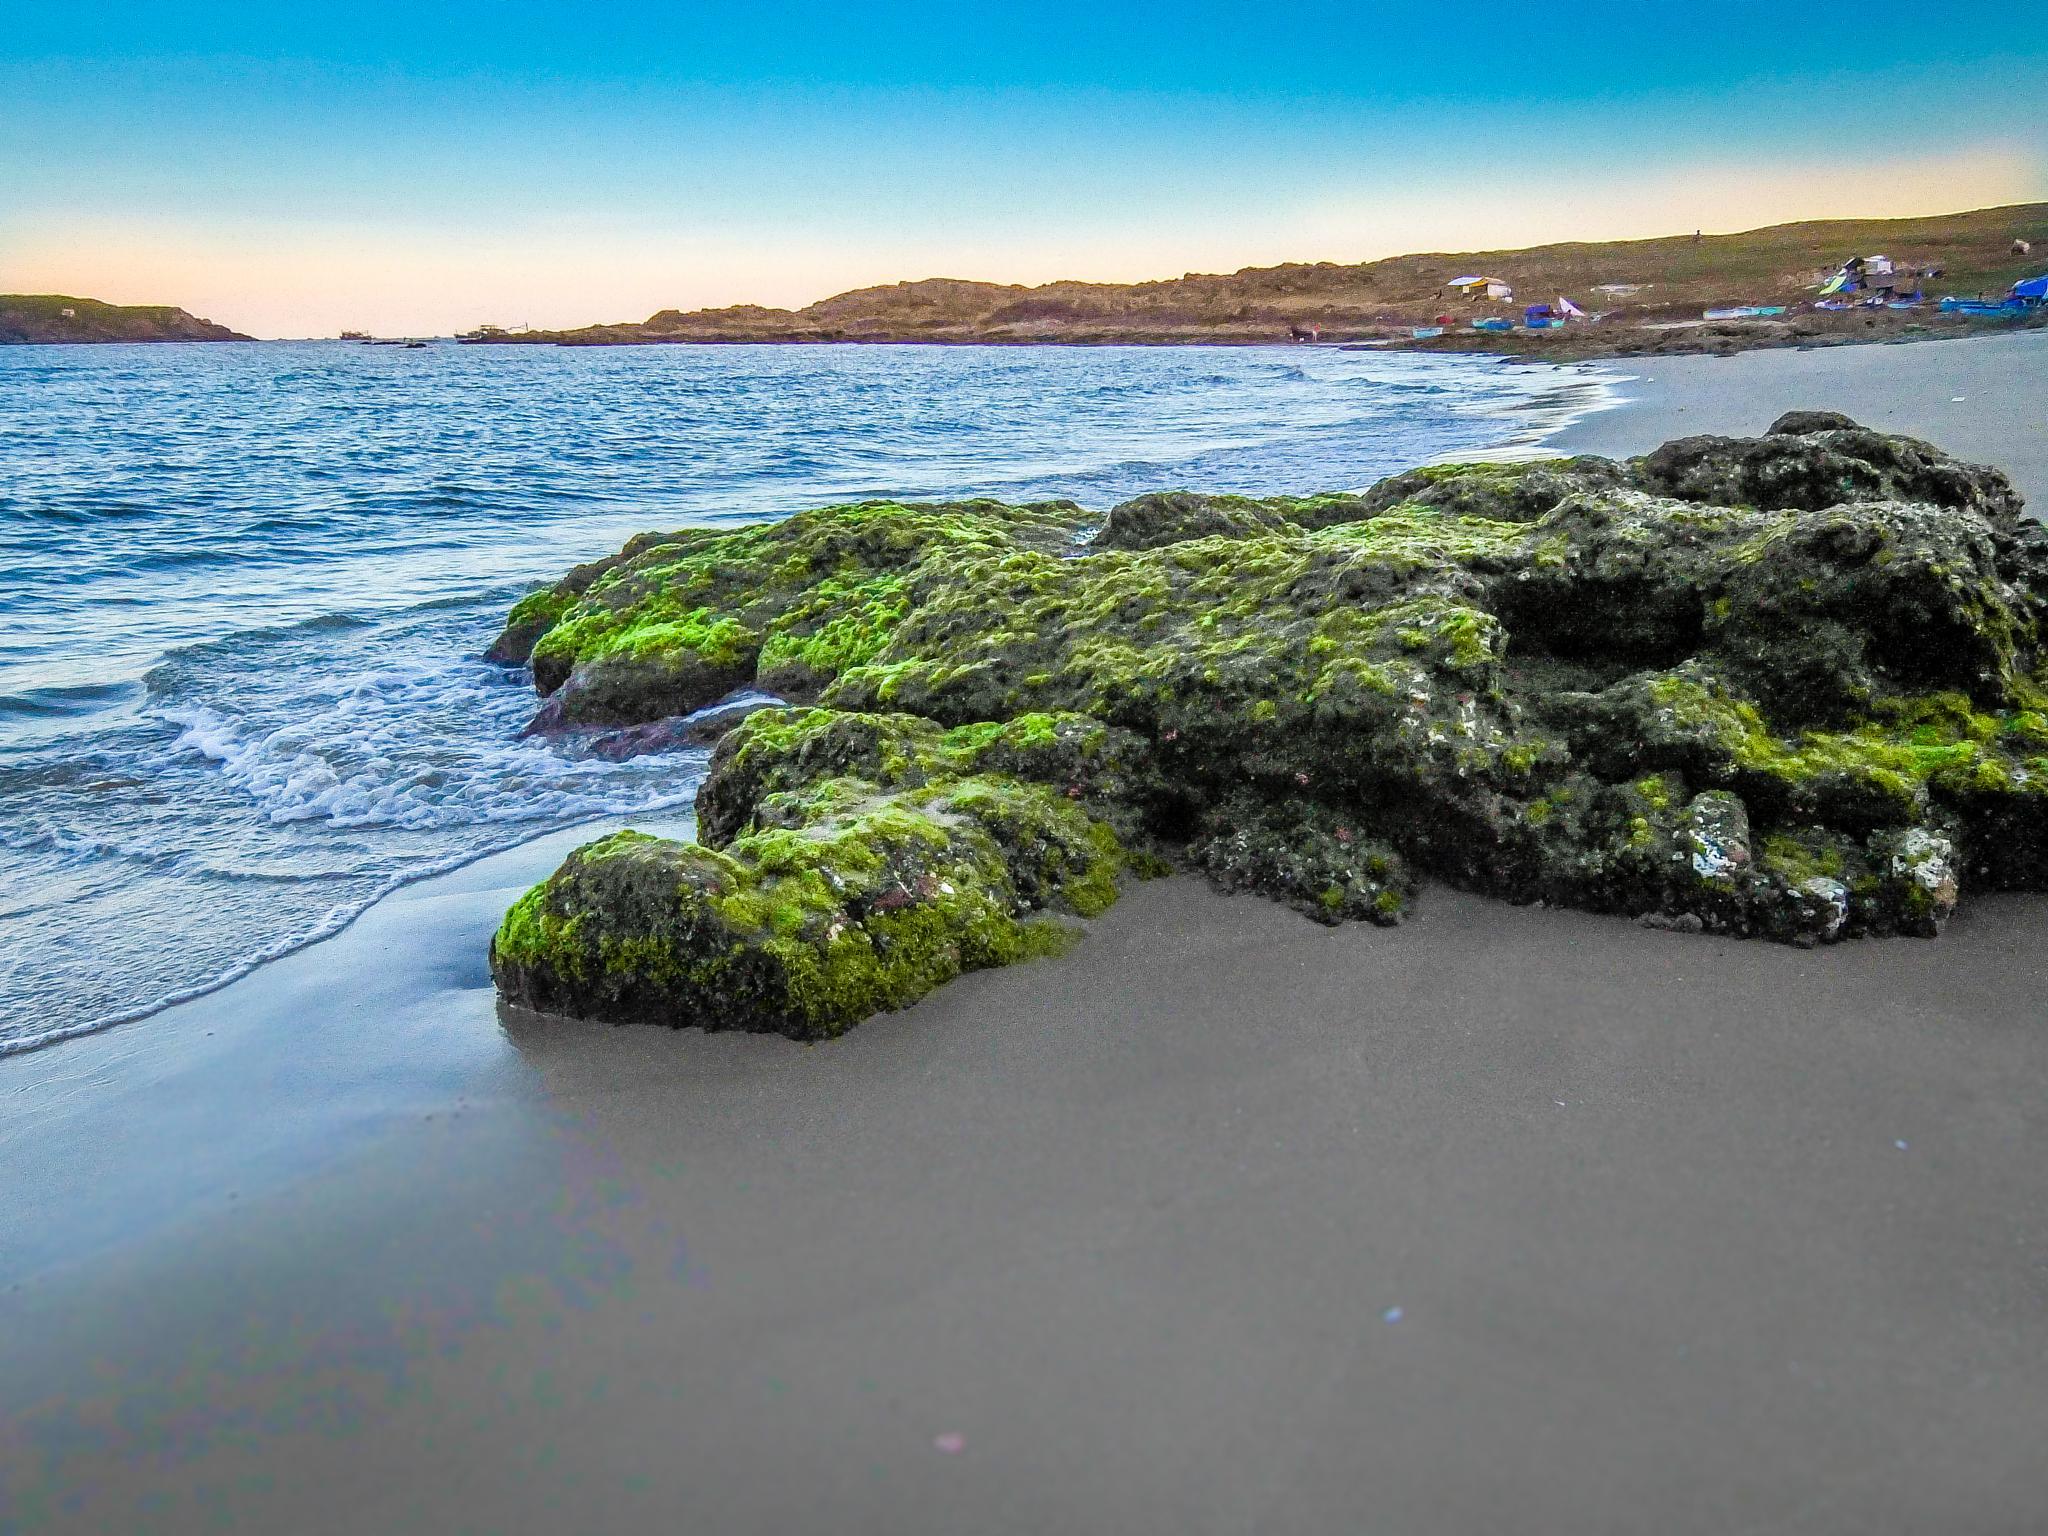 Photo in Landscape #beach #seashore #moss #rock #water